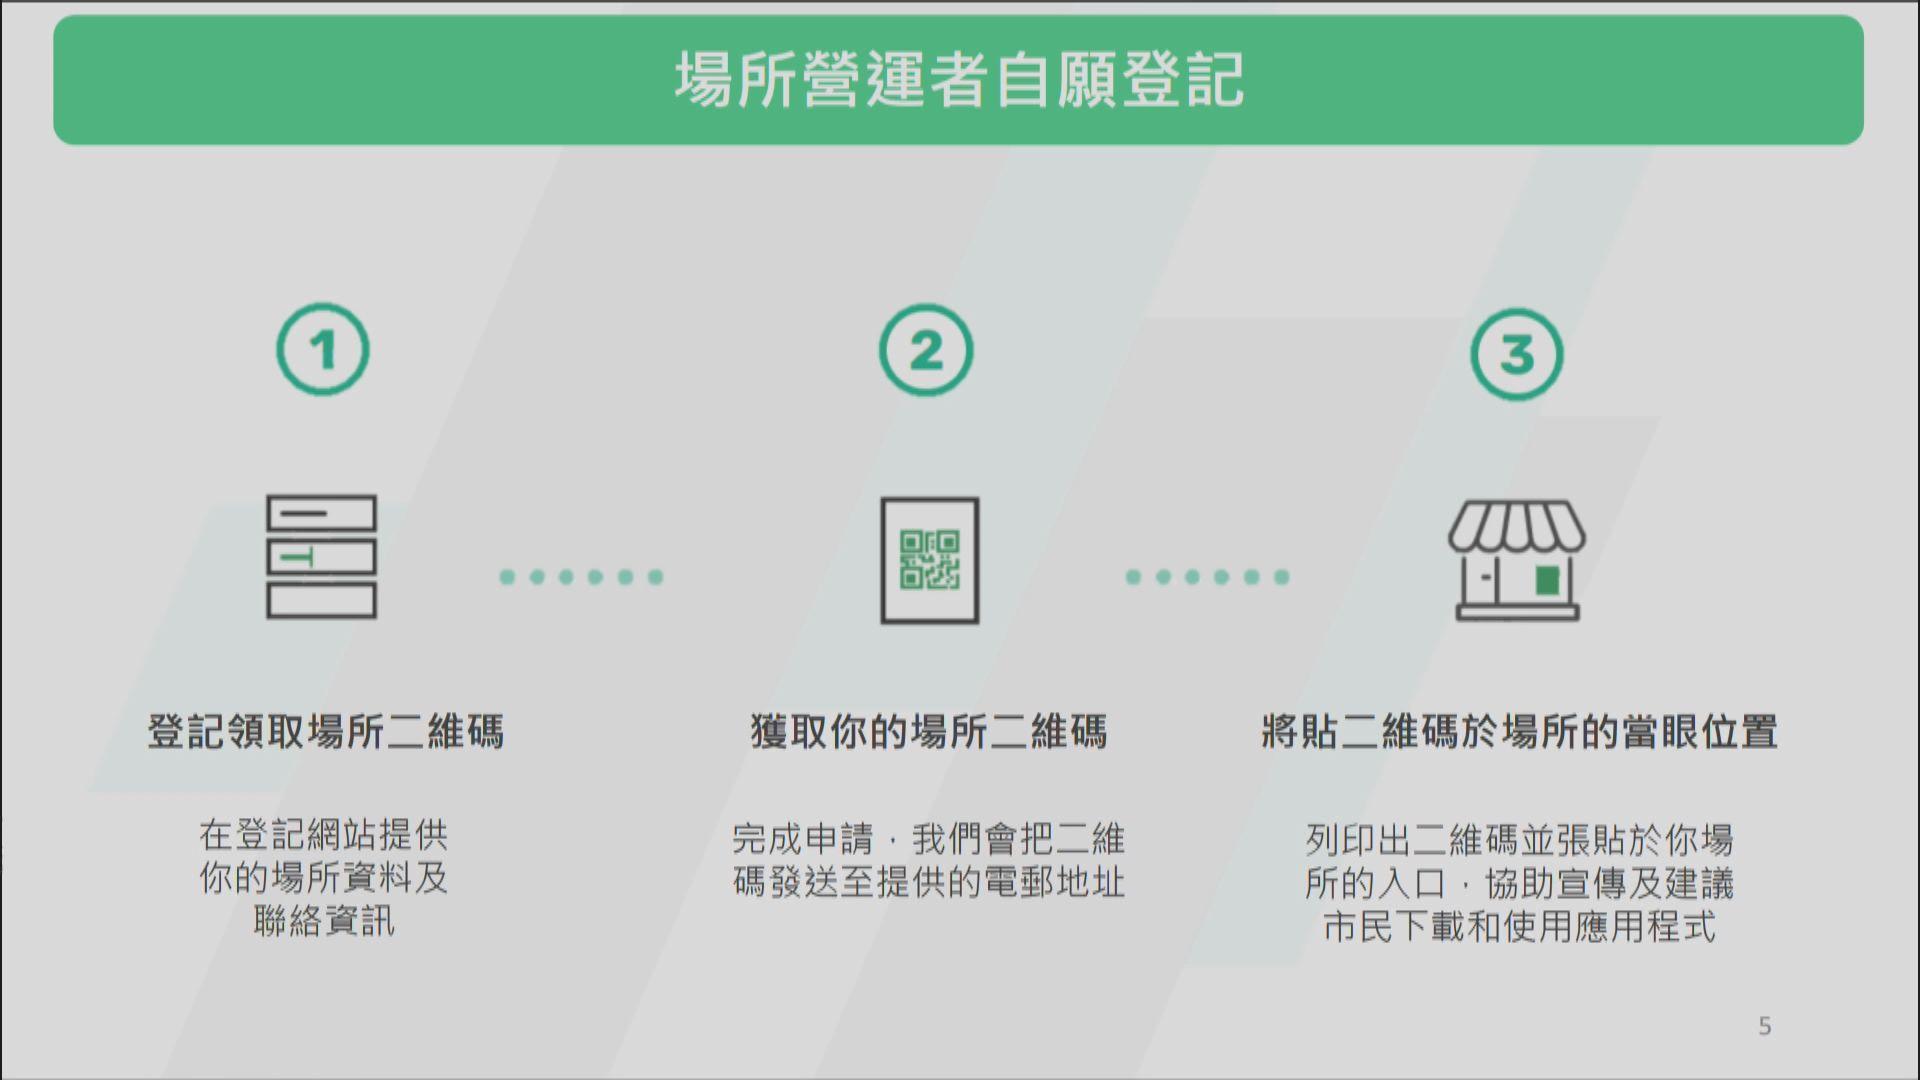 張建宗:安心出行程式 政府不會備存內容